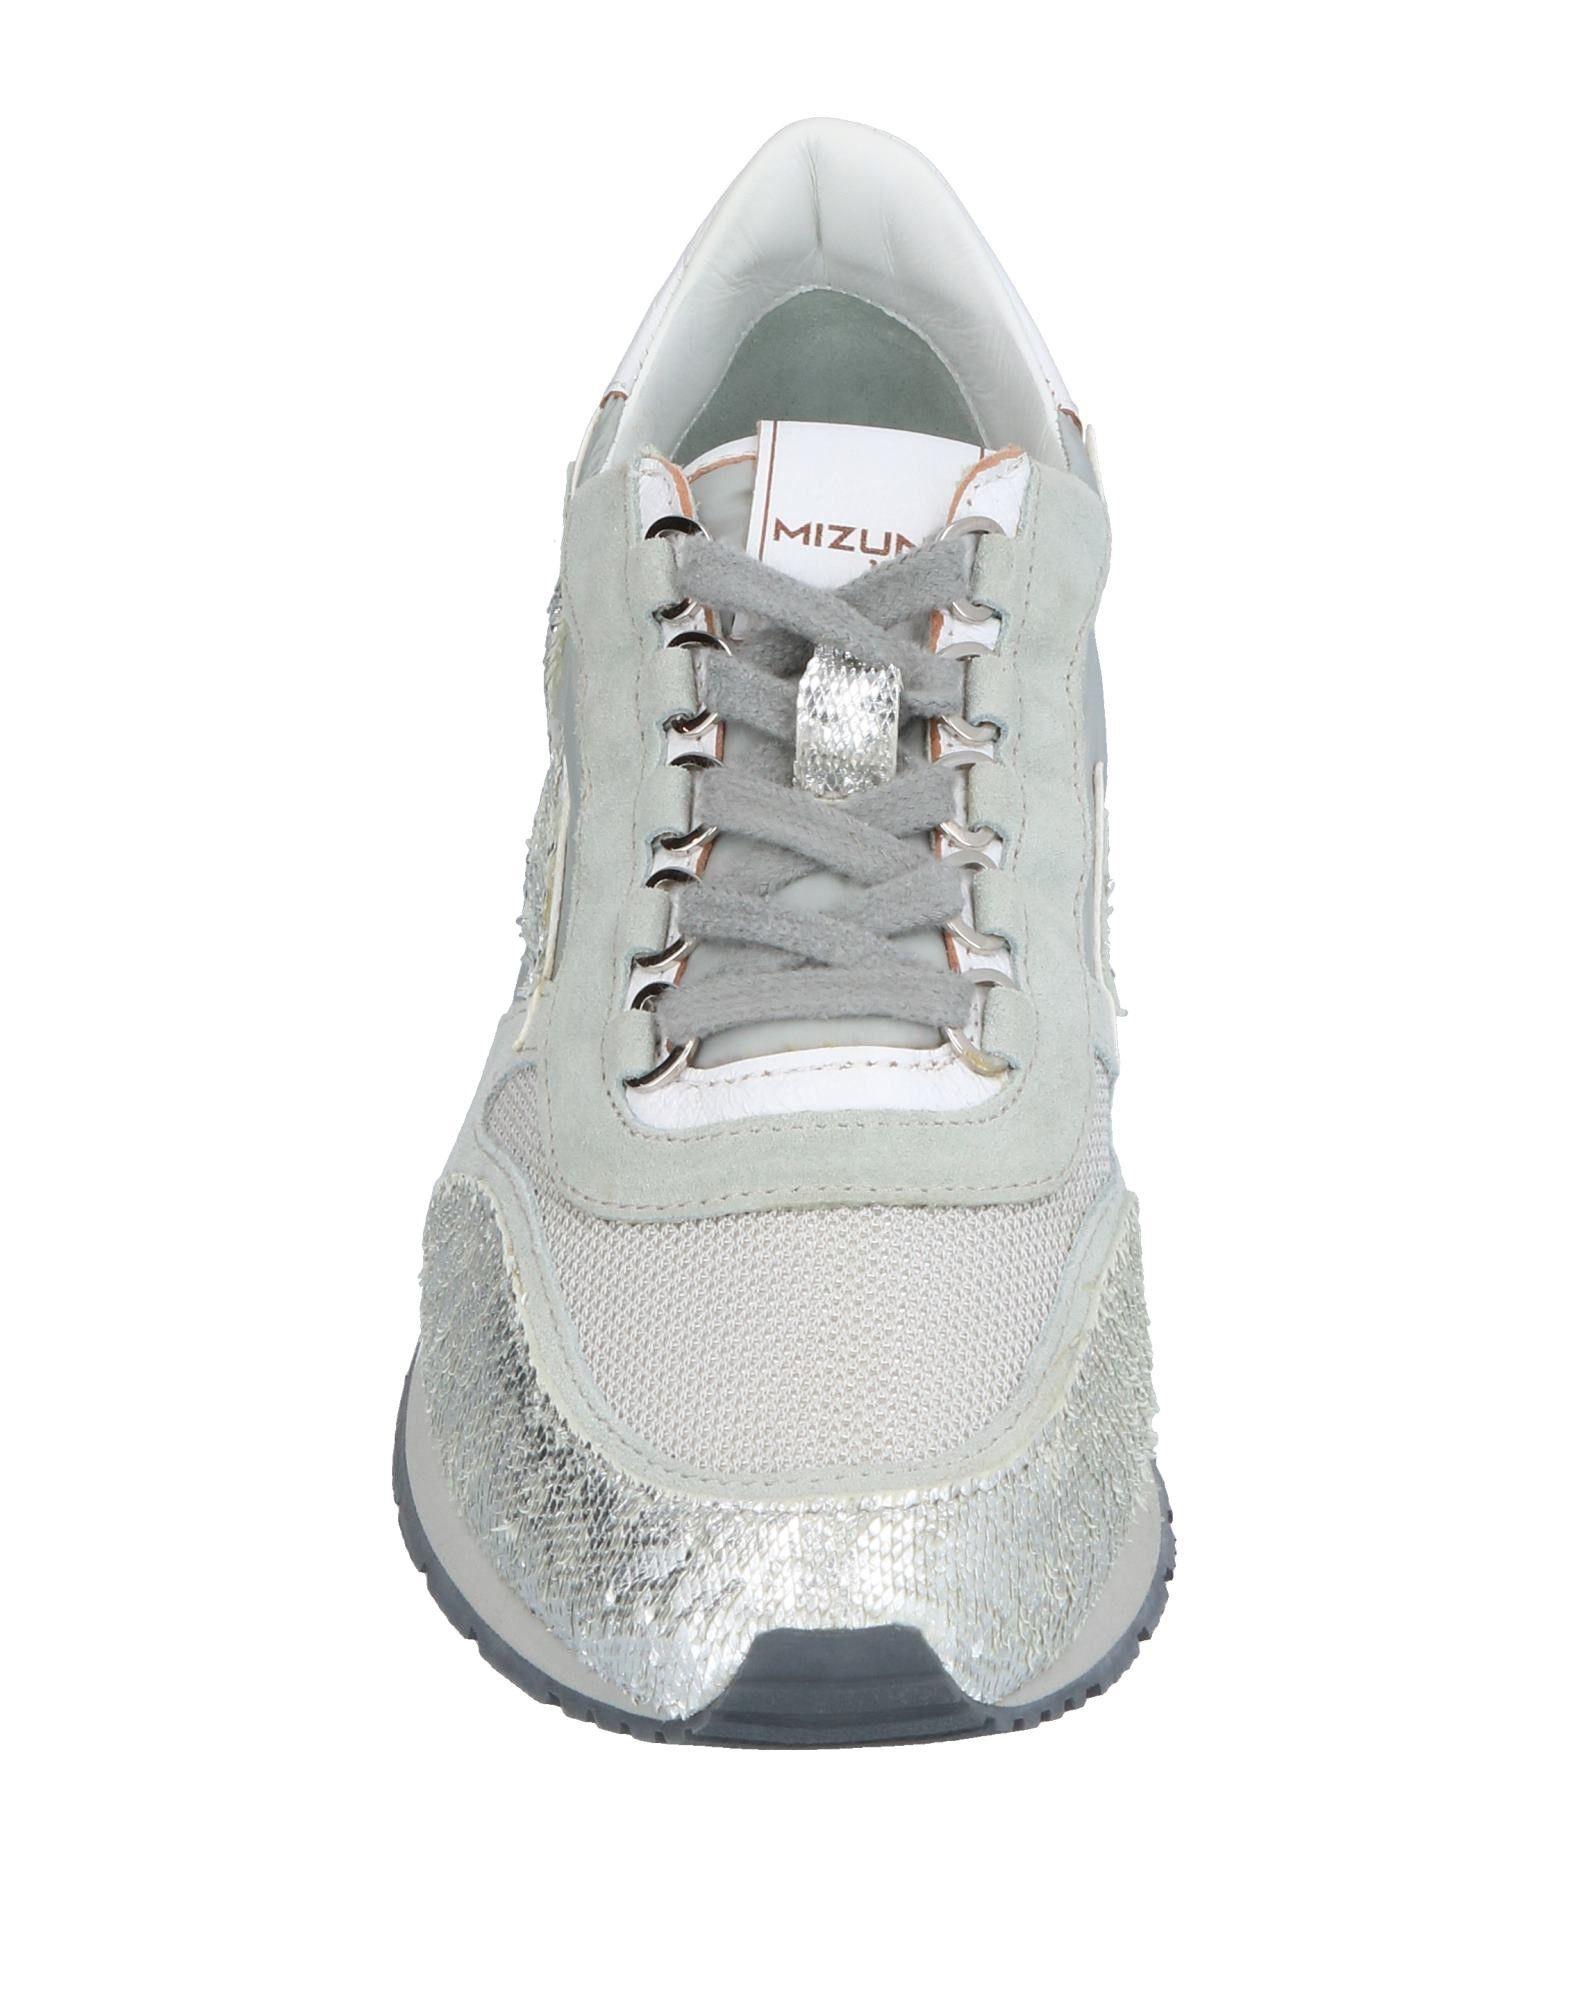 Klassischer Stil-24207,Mizuno Preis-Leistungs-Verhältnis, Sneakers Damen Gutes Preis-Leistungs-Verhältnis, Stil-24207,Mizuno es lohnt sich 65c7a8